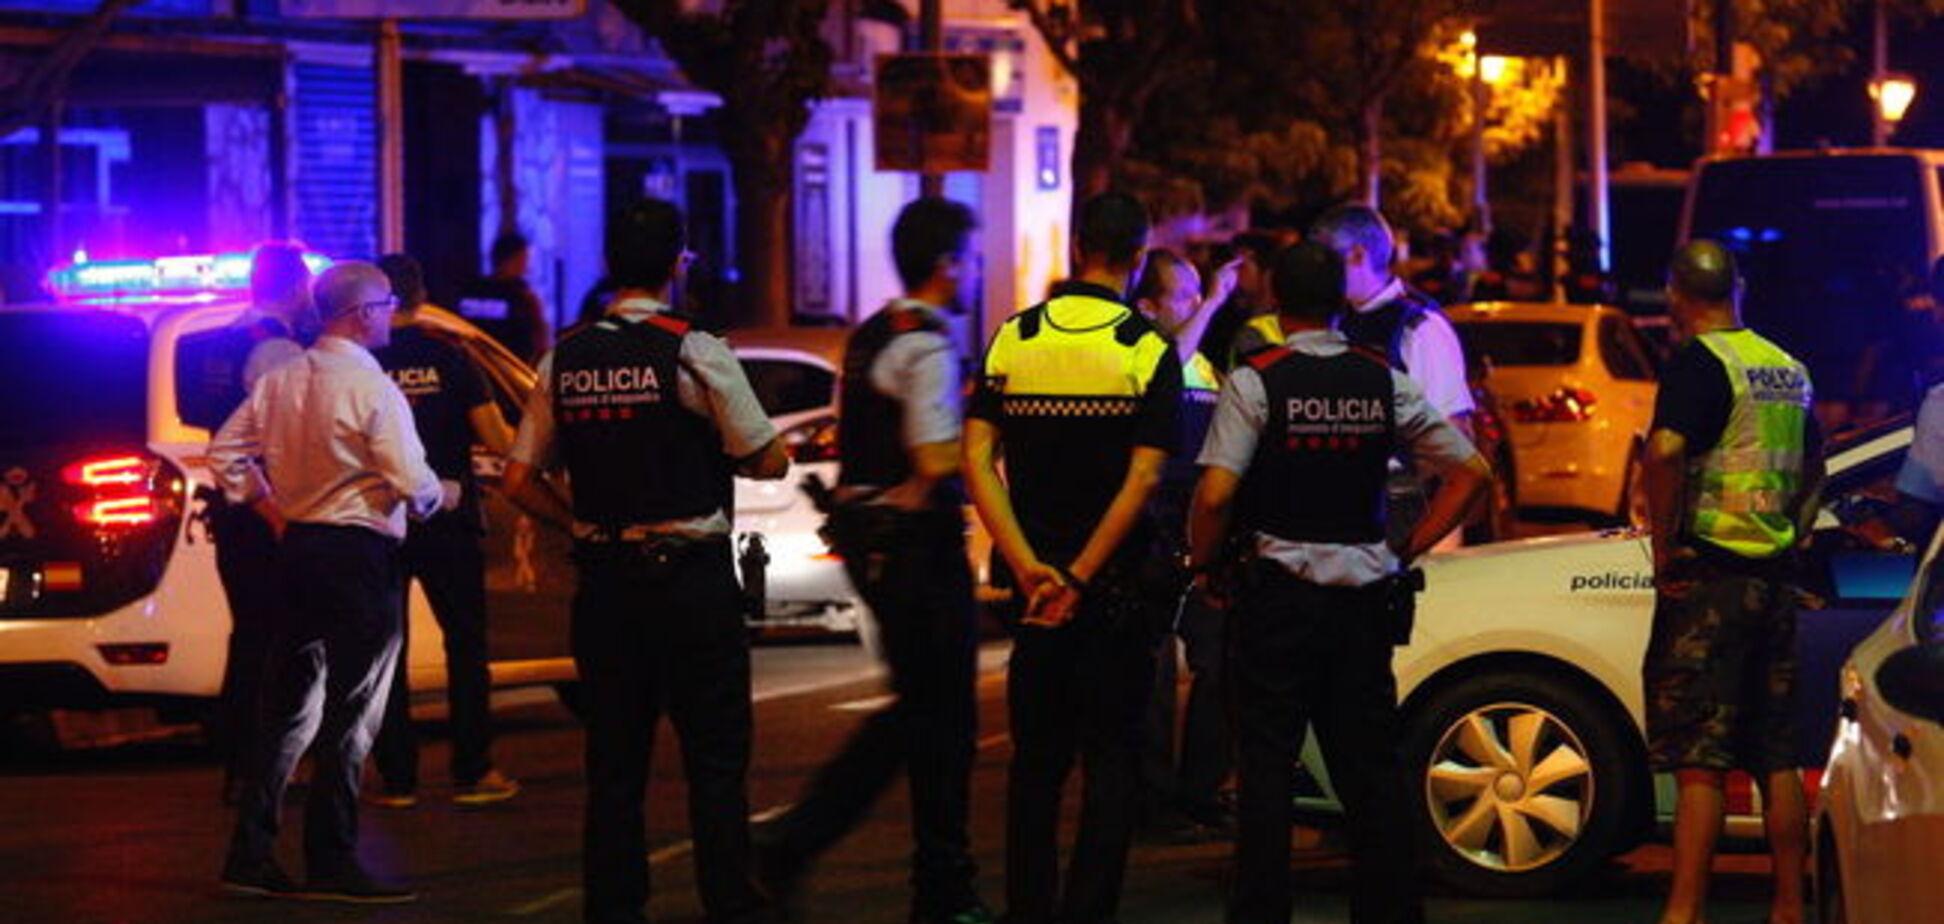 Теракт під Барселоною: стало відомо, скільки терористів ліквідували